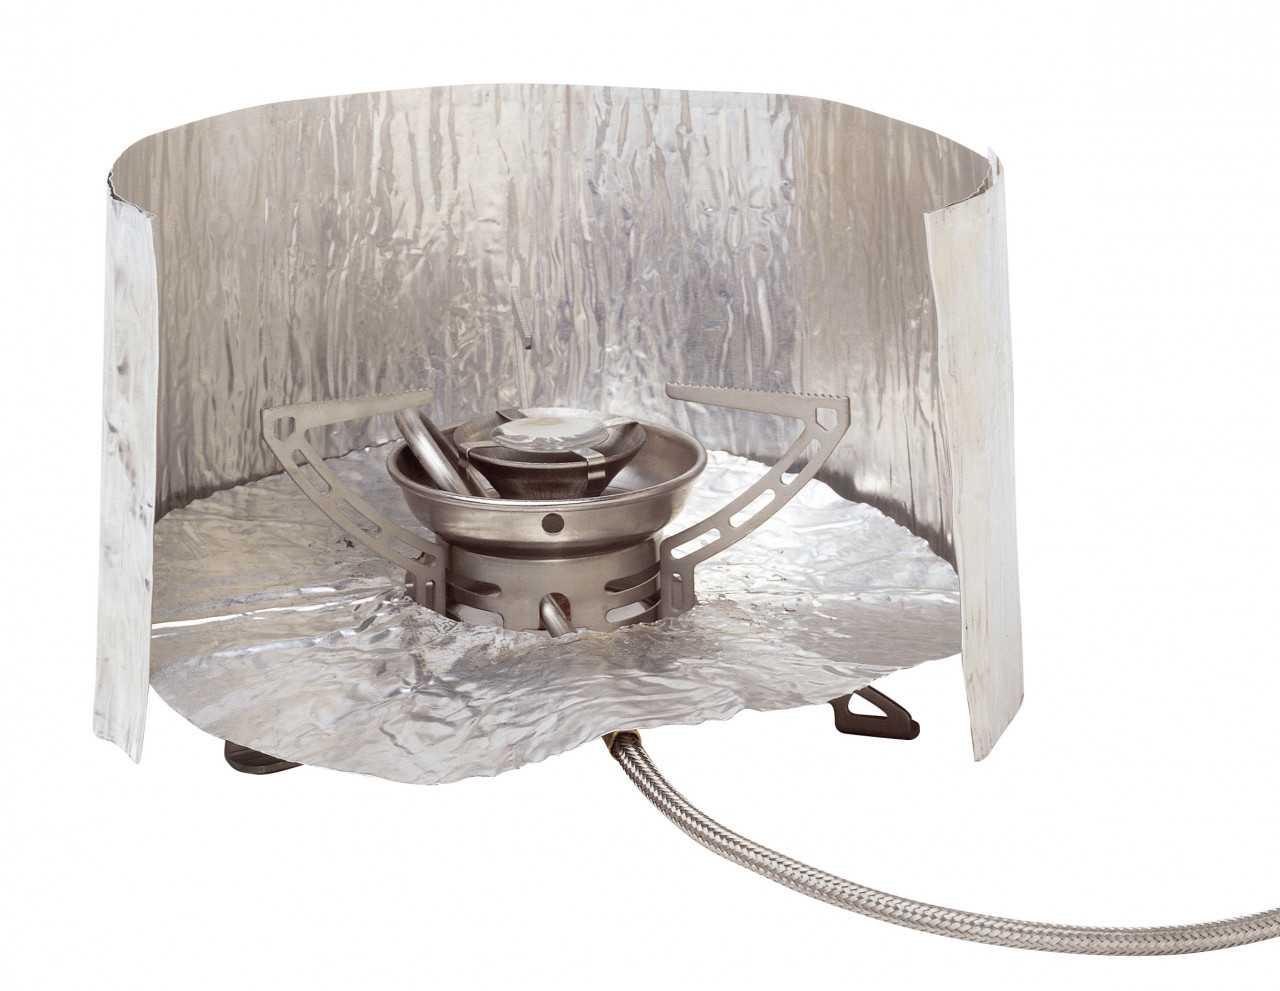 Primus Windschutz Hitzereflektor   7330033721720